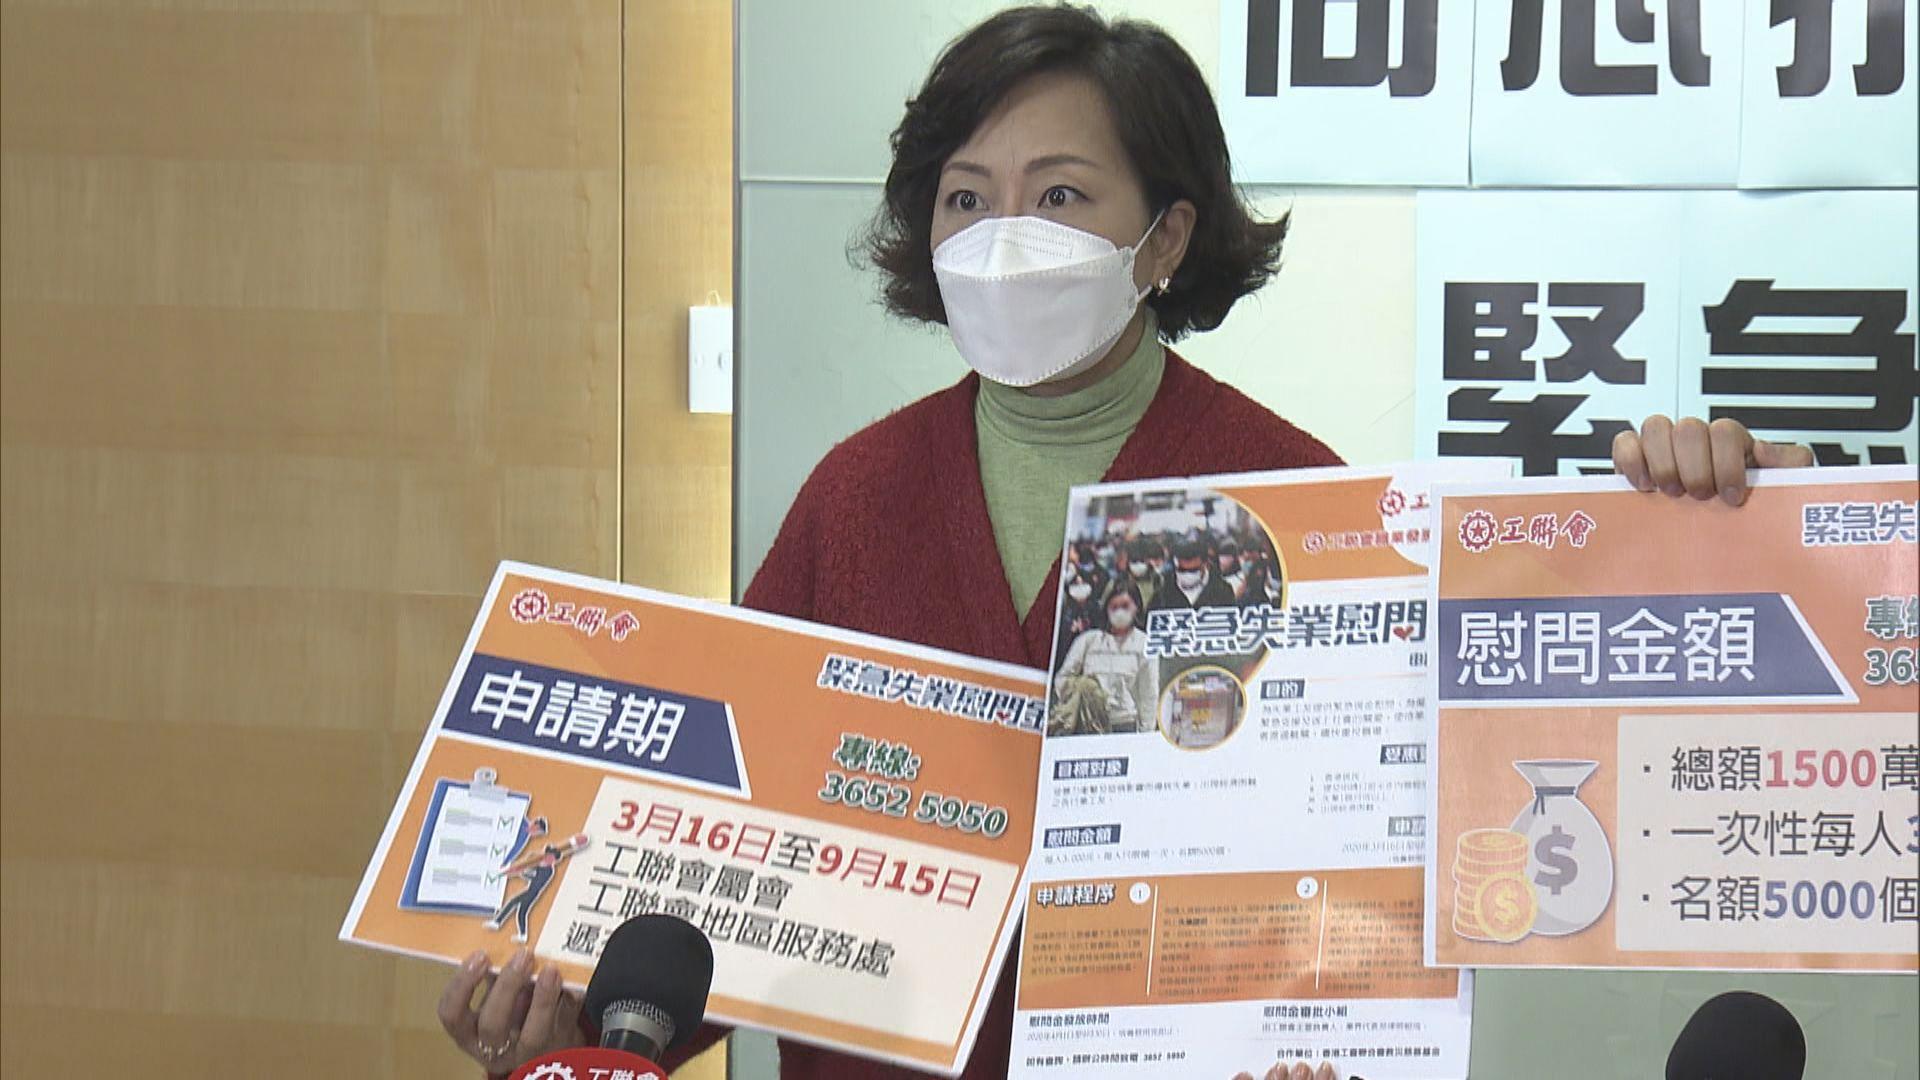 工聯會設基金向失業工人提供三千元援助